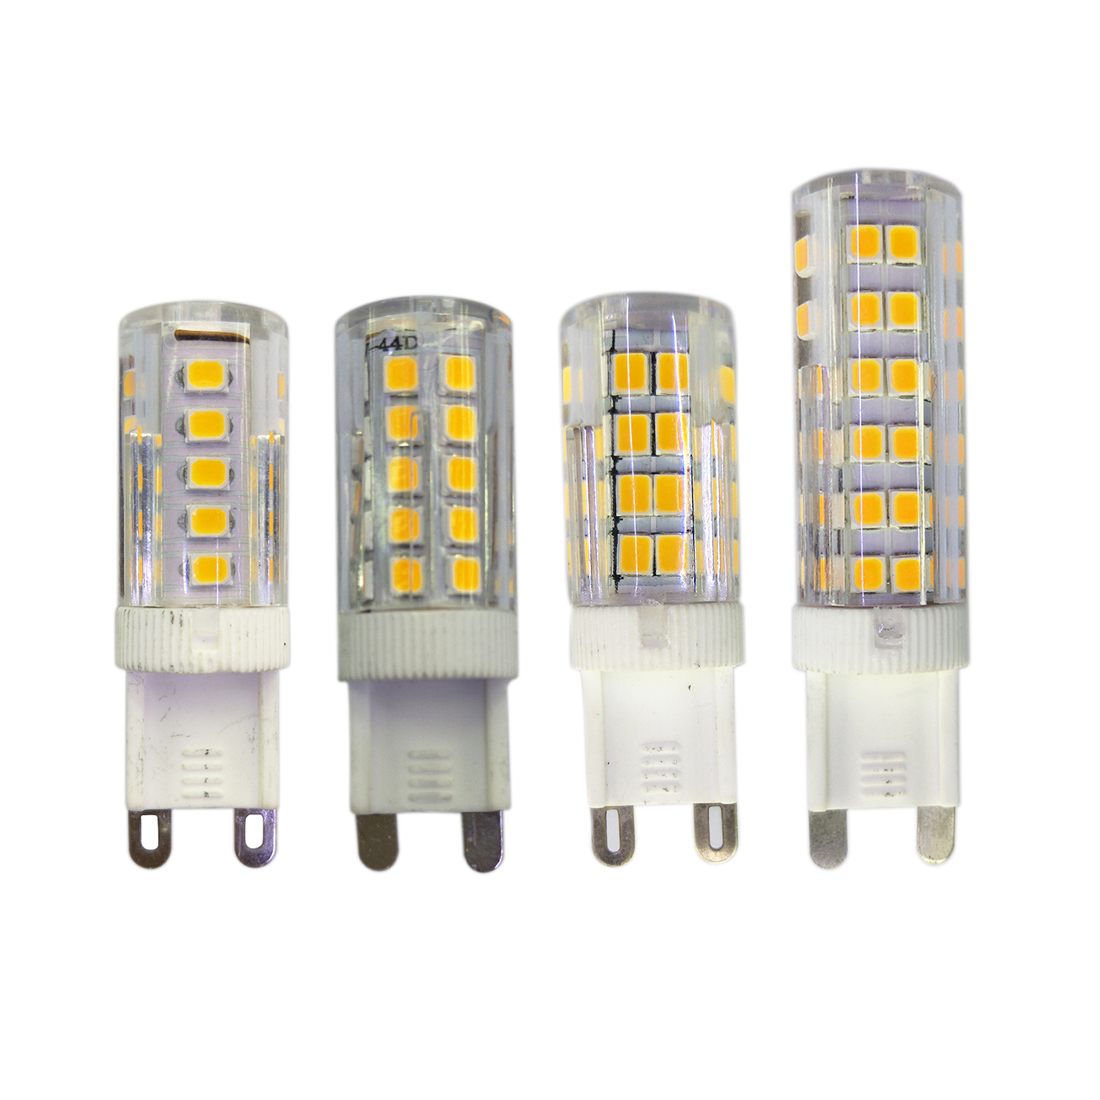 G9 Conduziu a Lâmpada AC220V-240V 5 W 7 W 9 W 12 W Quente/Frio Branco 360 Graus de Ângulo de Feixe mini CONDUZIU a Lâmpada de Luz